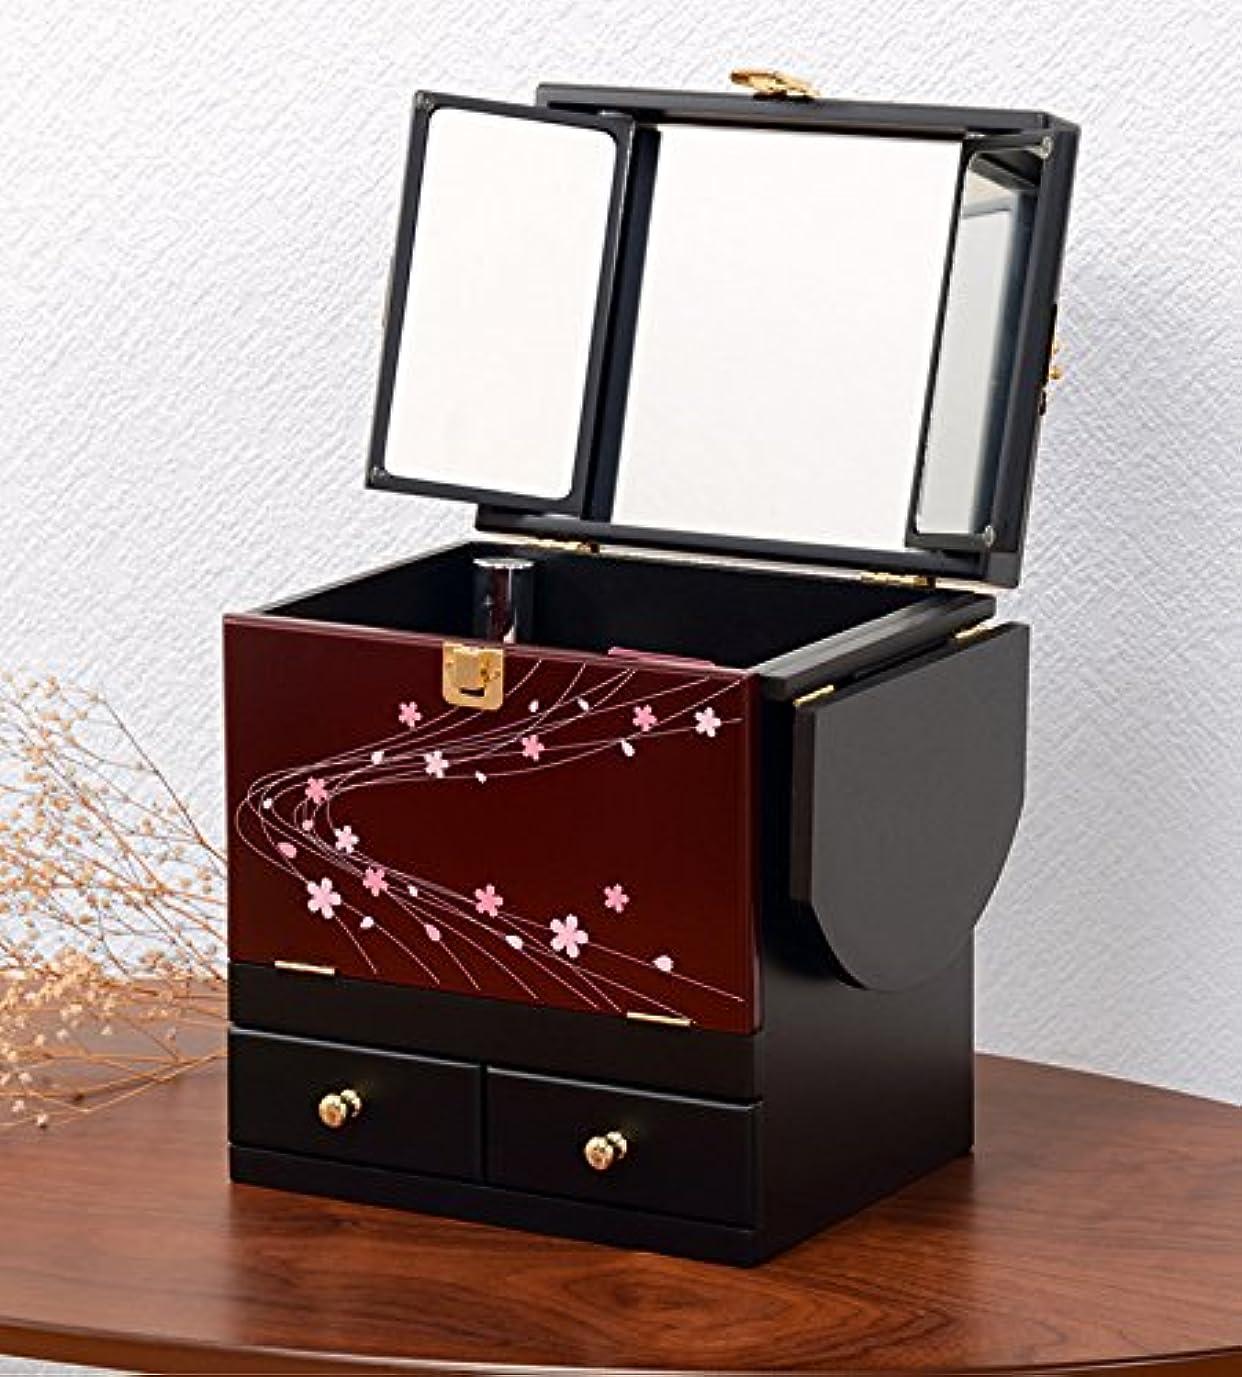 貞胆嚢全体コスメボックス 化粧ボックス ジュエリーボックス コスメ収納 収納ボックス 化粧台 3面鏡 和風 完成品 折りたたみ式 軽量 えんじ